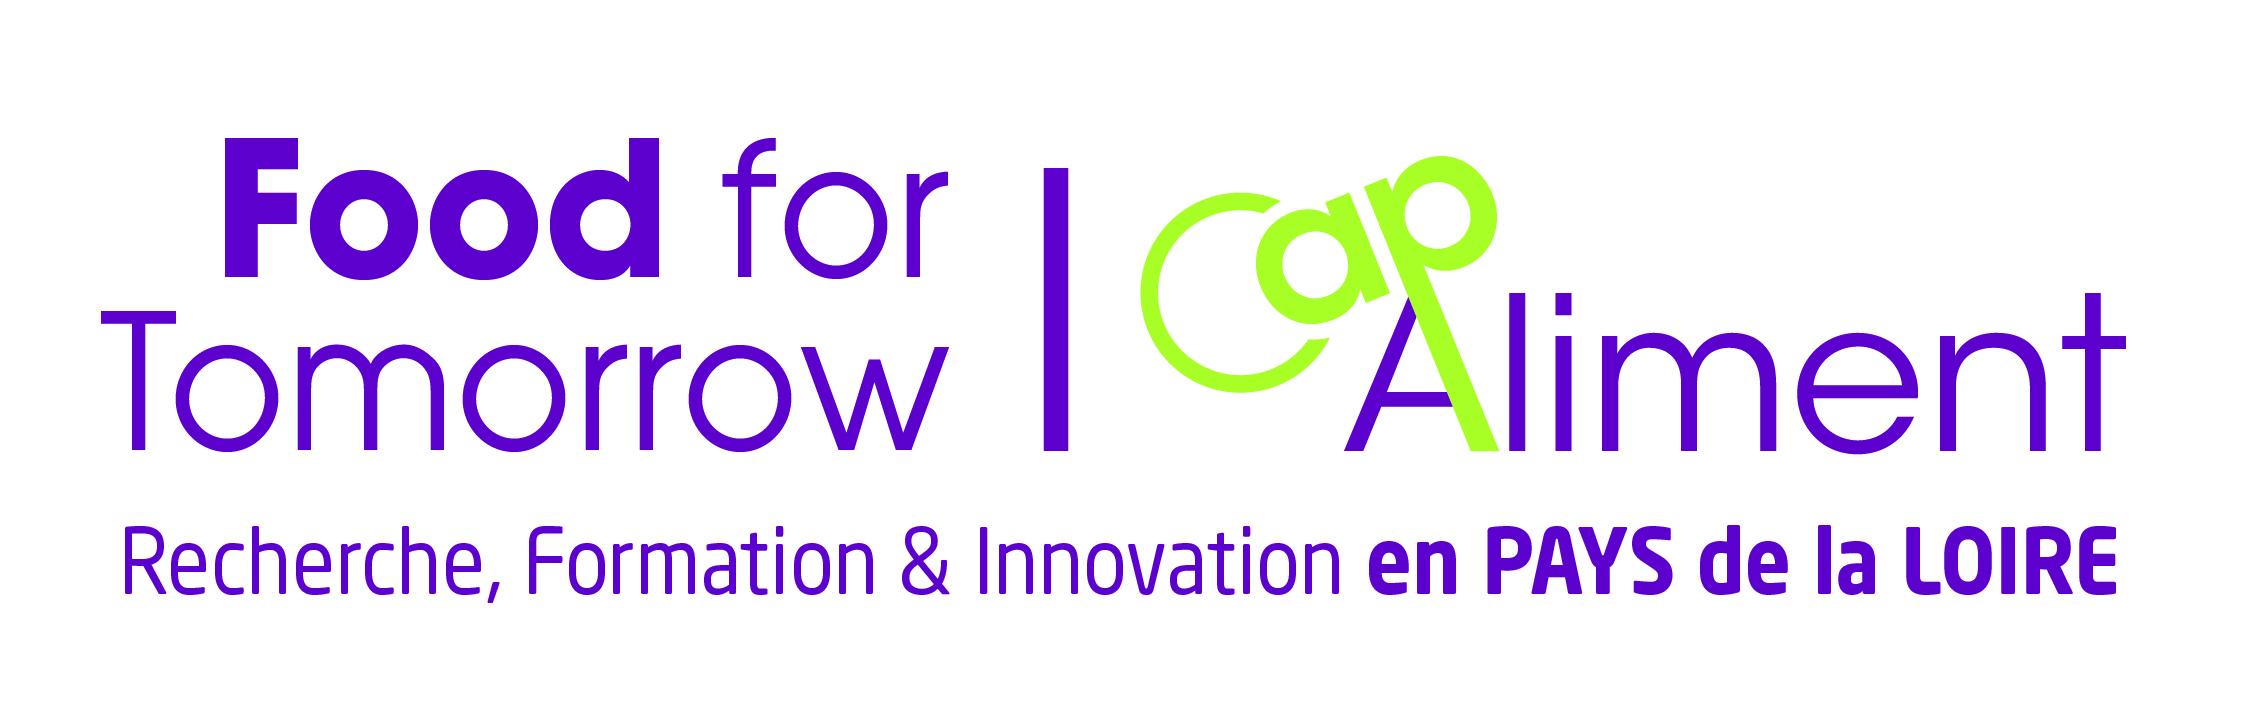 Food for Tomorrow. Cap Aliment. Recherche, Formation et Innovation en Pays de la Loire